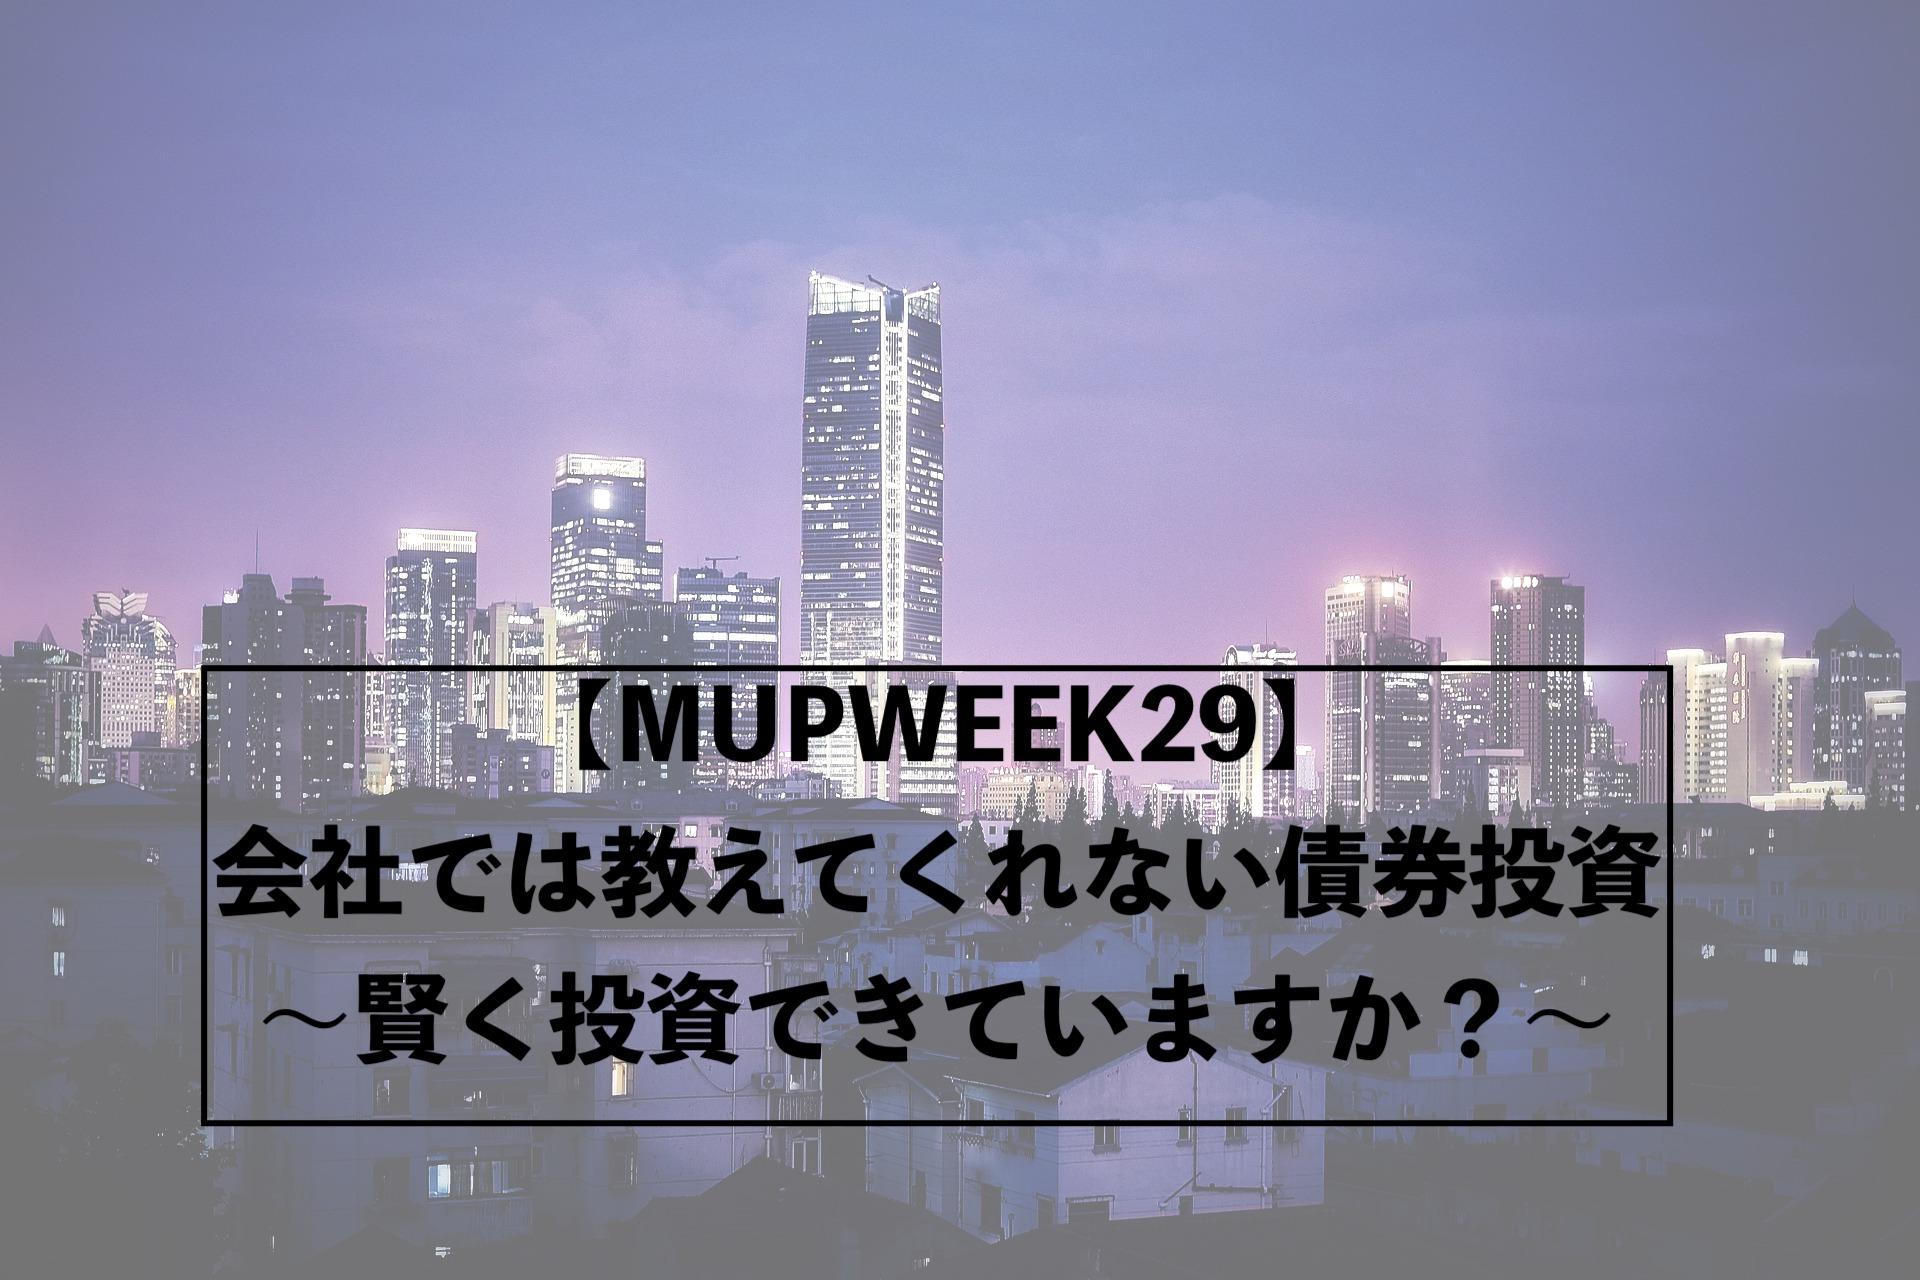 MUPWEEK29